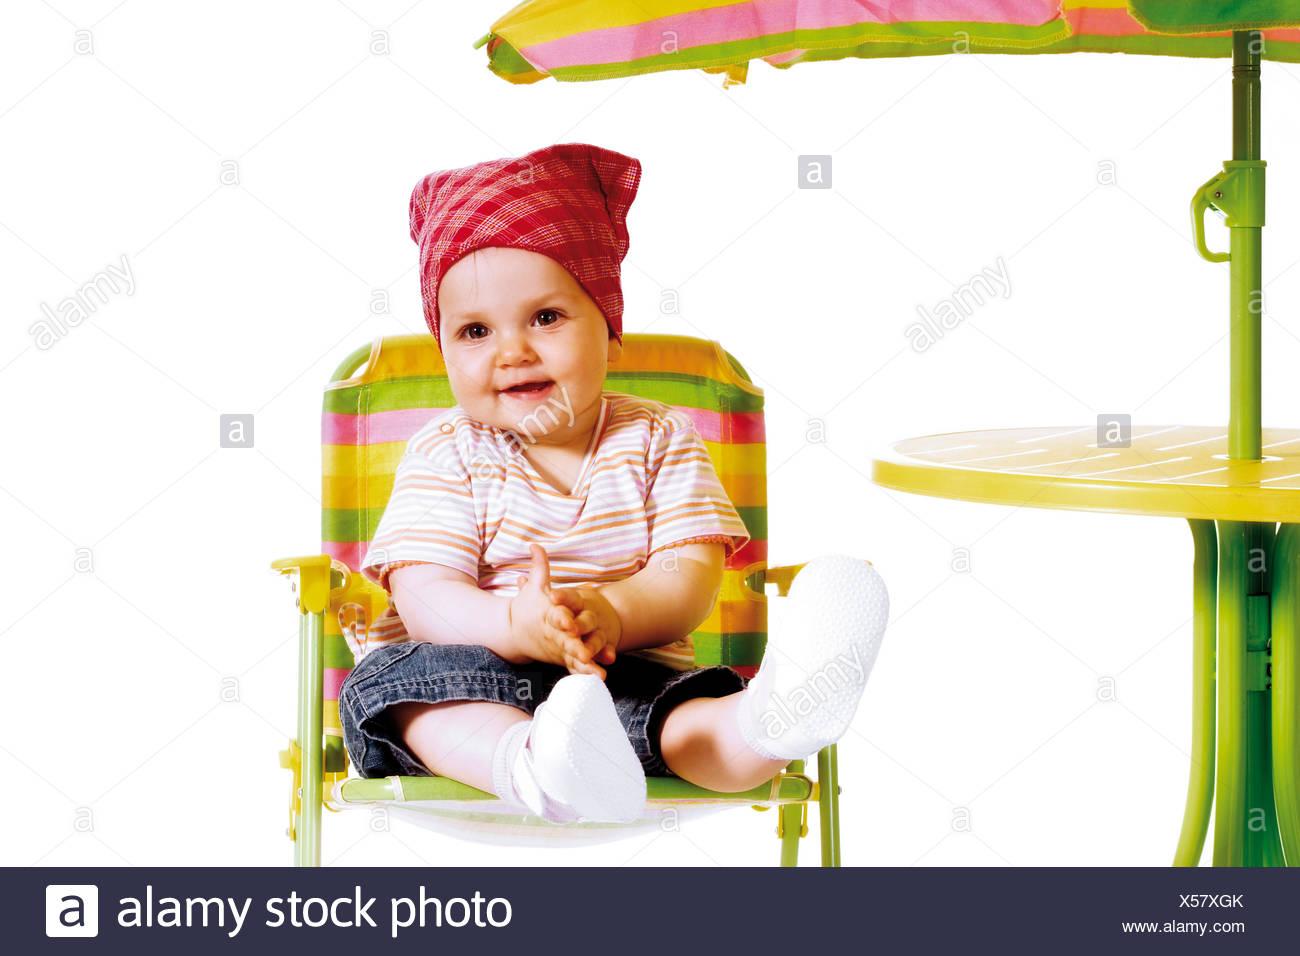 Campingstuhl Baby.Baby Tragen Ein Kopftuch In Einem Campingstuhl Stockfoto